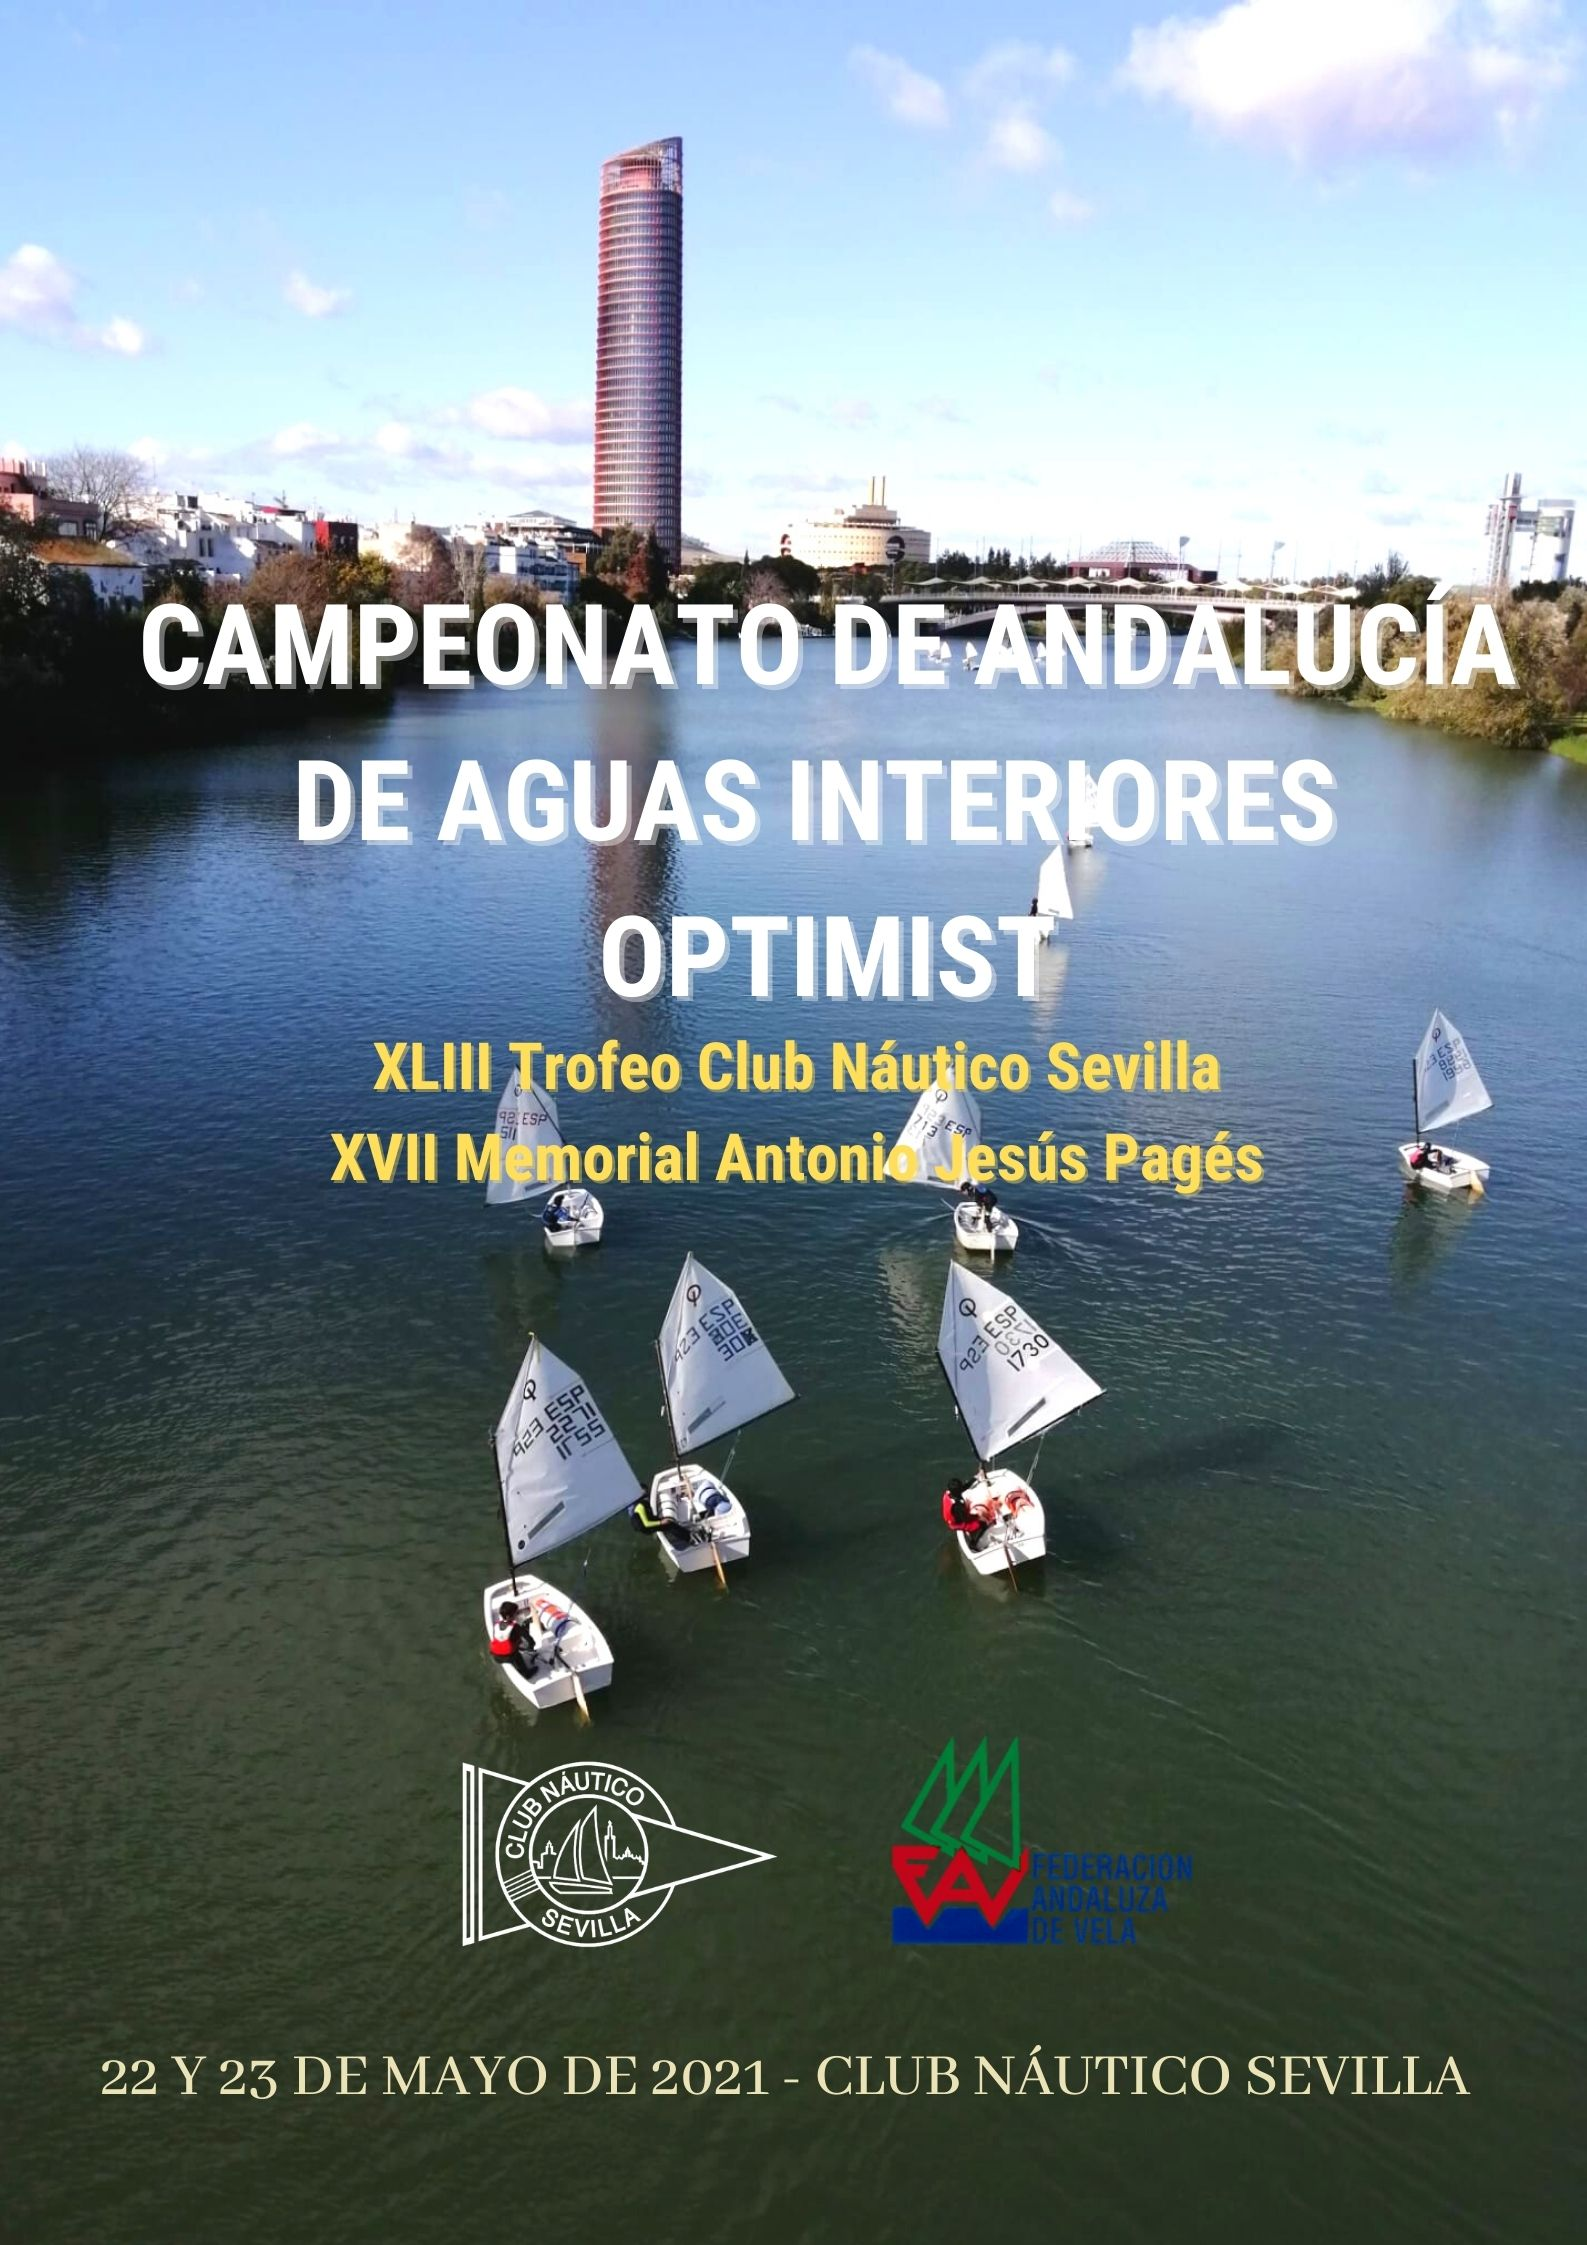 Campeonato De Andalucía De Aguas Interiores Para La Clase Optimist